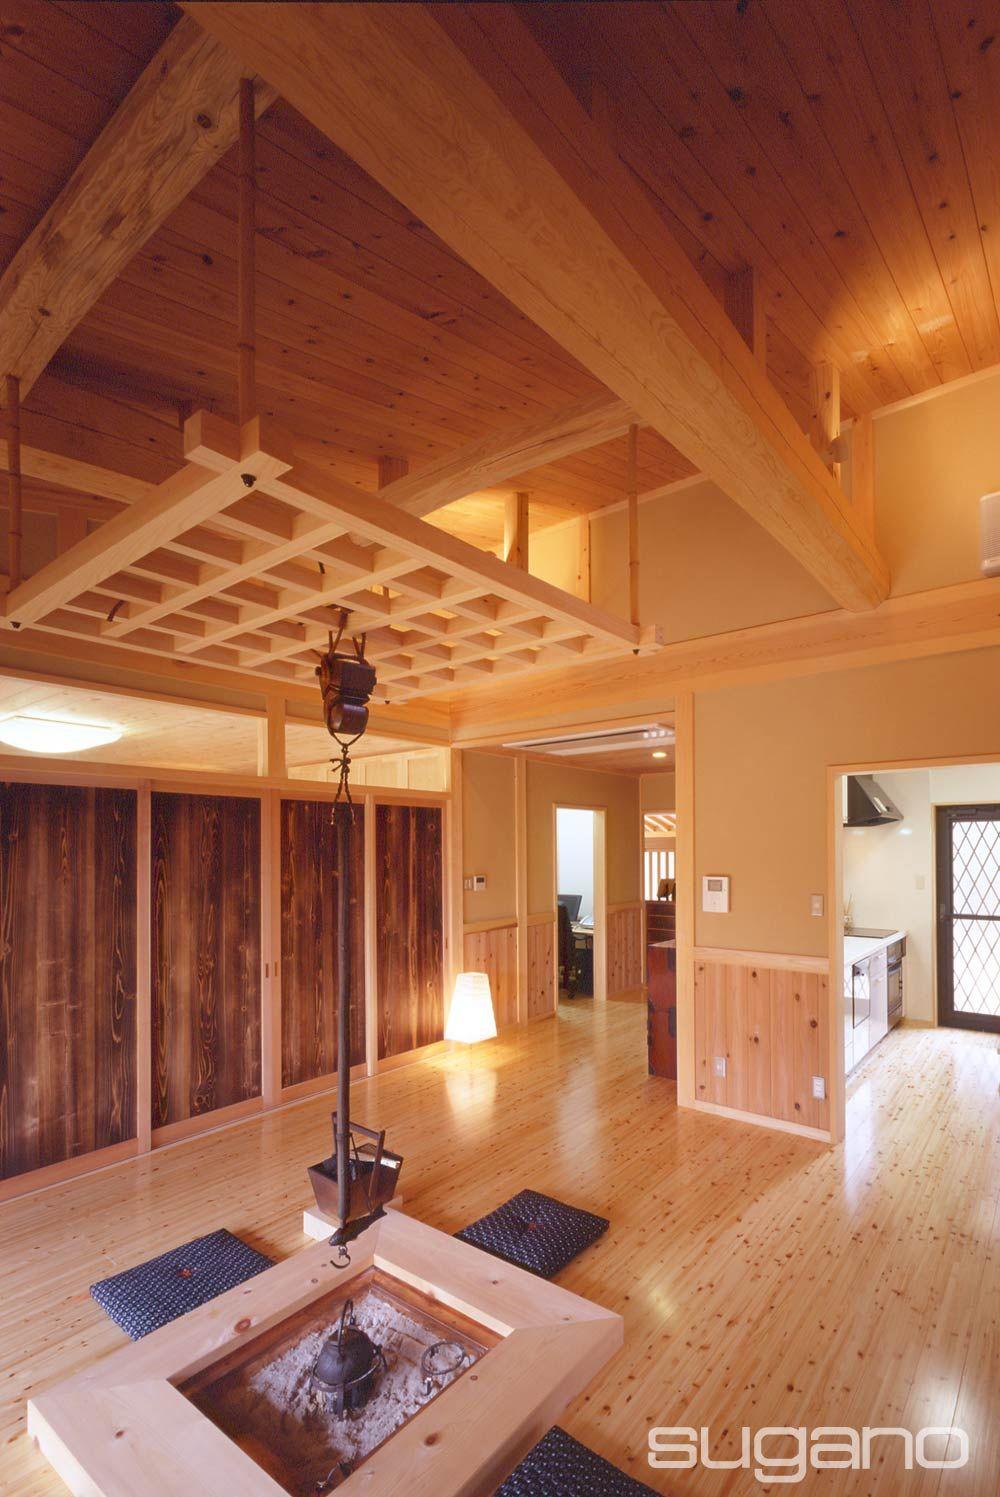 囲炉裏のある生活 焼杉の建具がアクセントになっています 和風建築